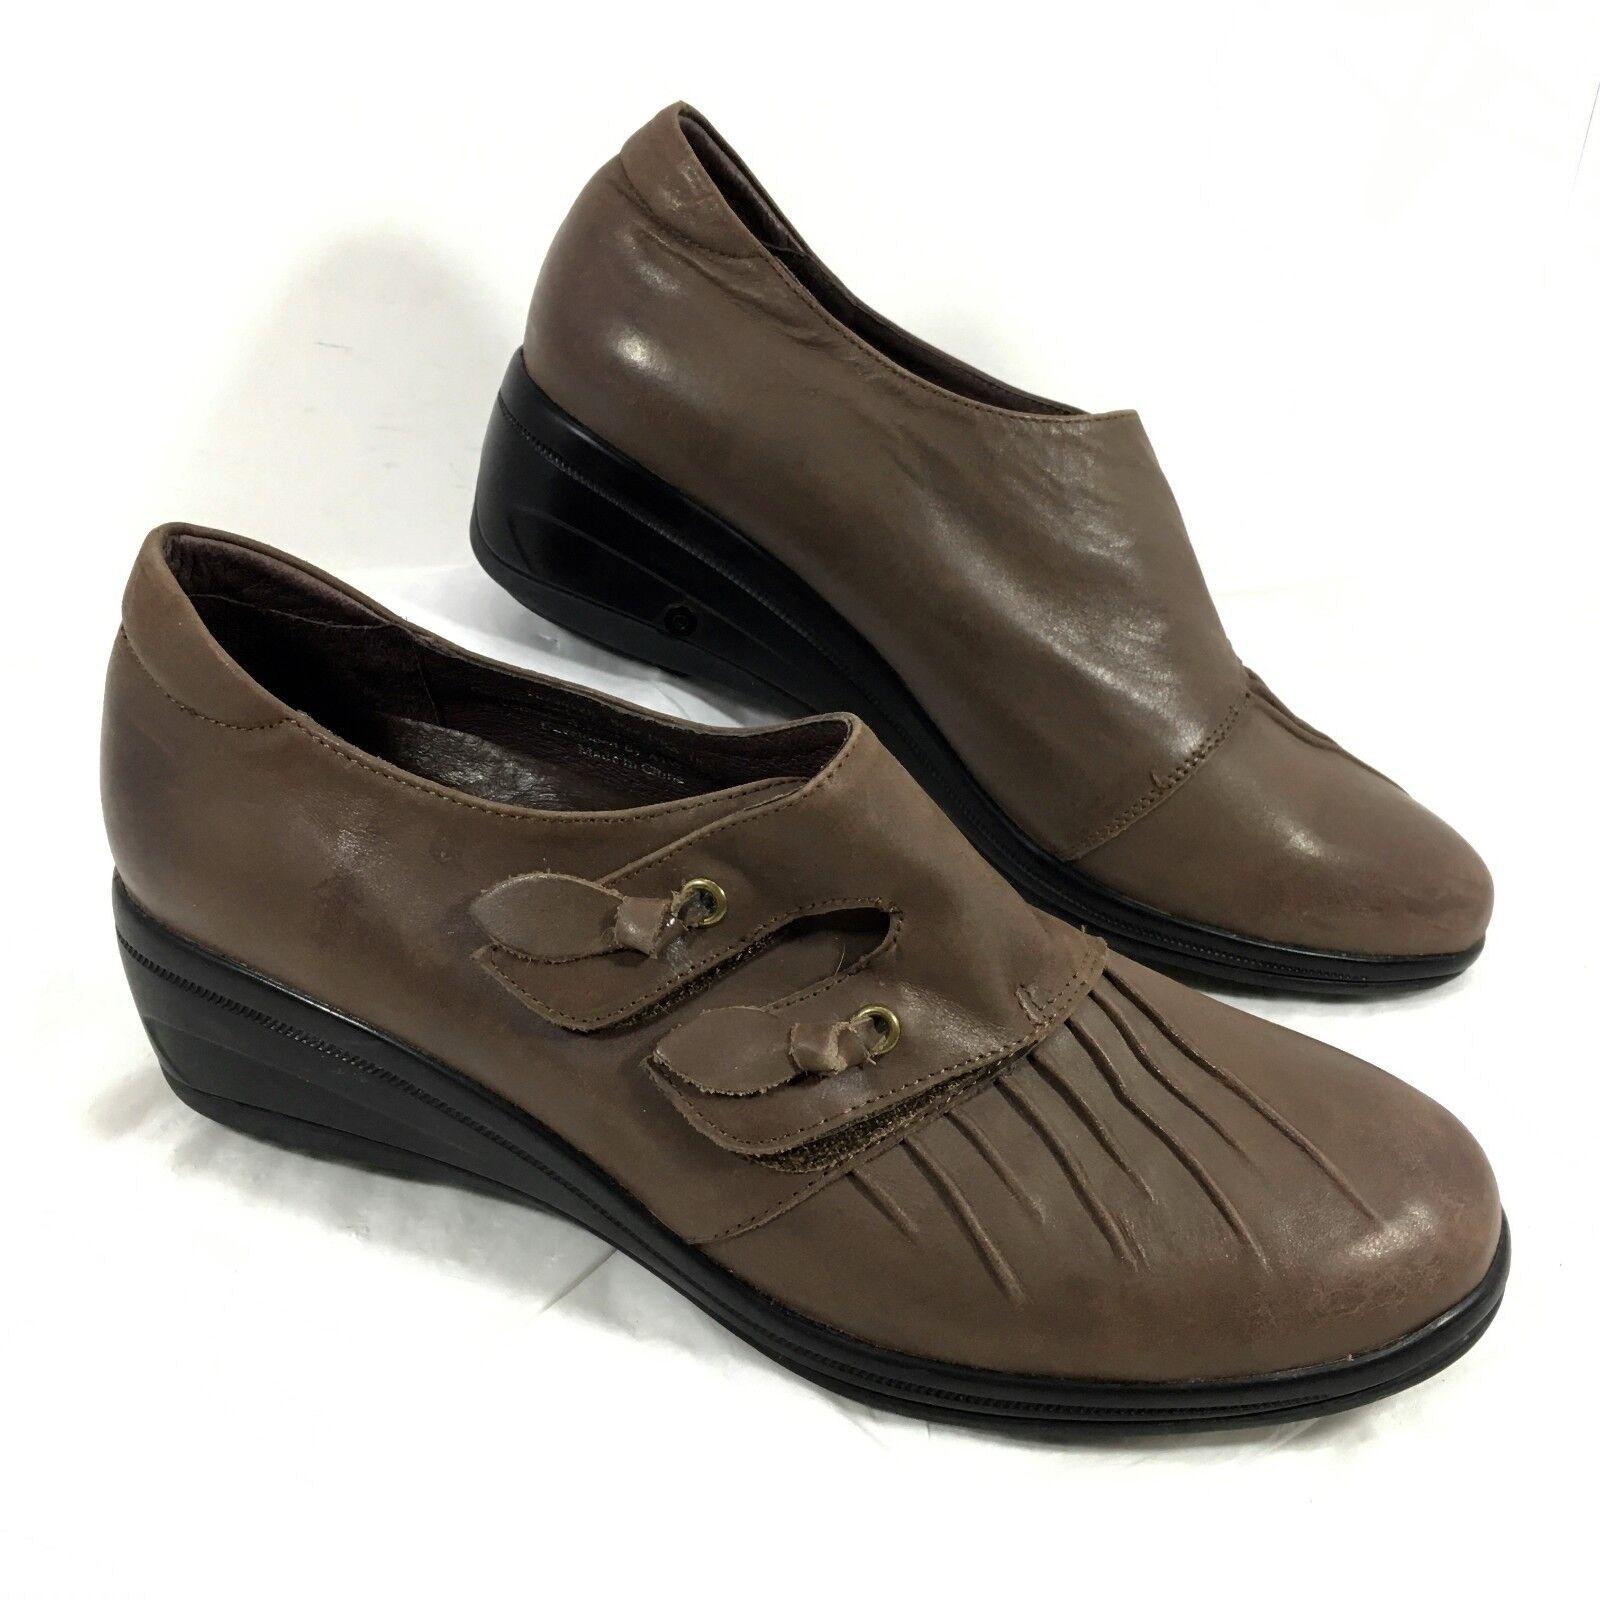 acquista la qualità autentica al 100% Donna  Gravity Defyer Monk Strap Loafers ROMANCY Marrone Marrone Marrone leather Sz 10.5 EUC  Offriamo vari marchi famosi